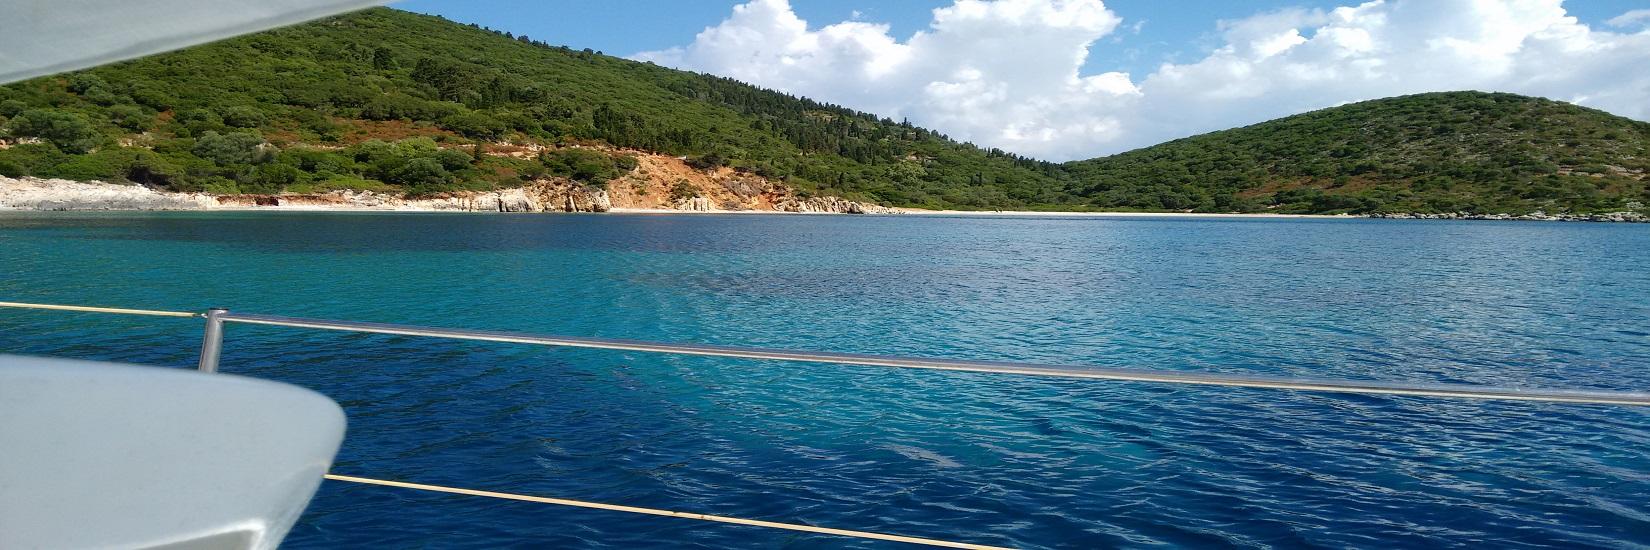 Due parole su Itaca…baie e porti del Mar Ionio Greco a bordo del Moana60!